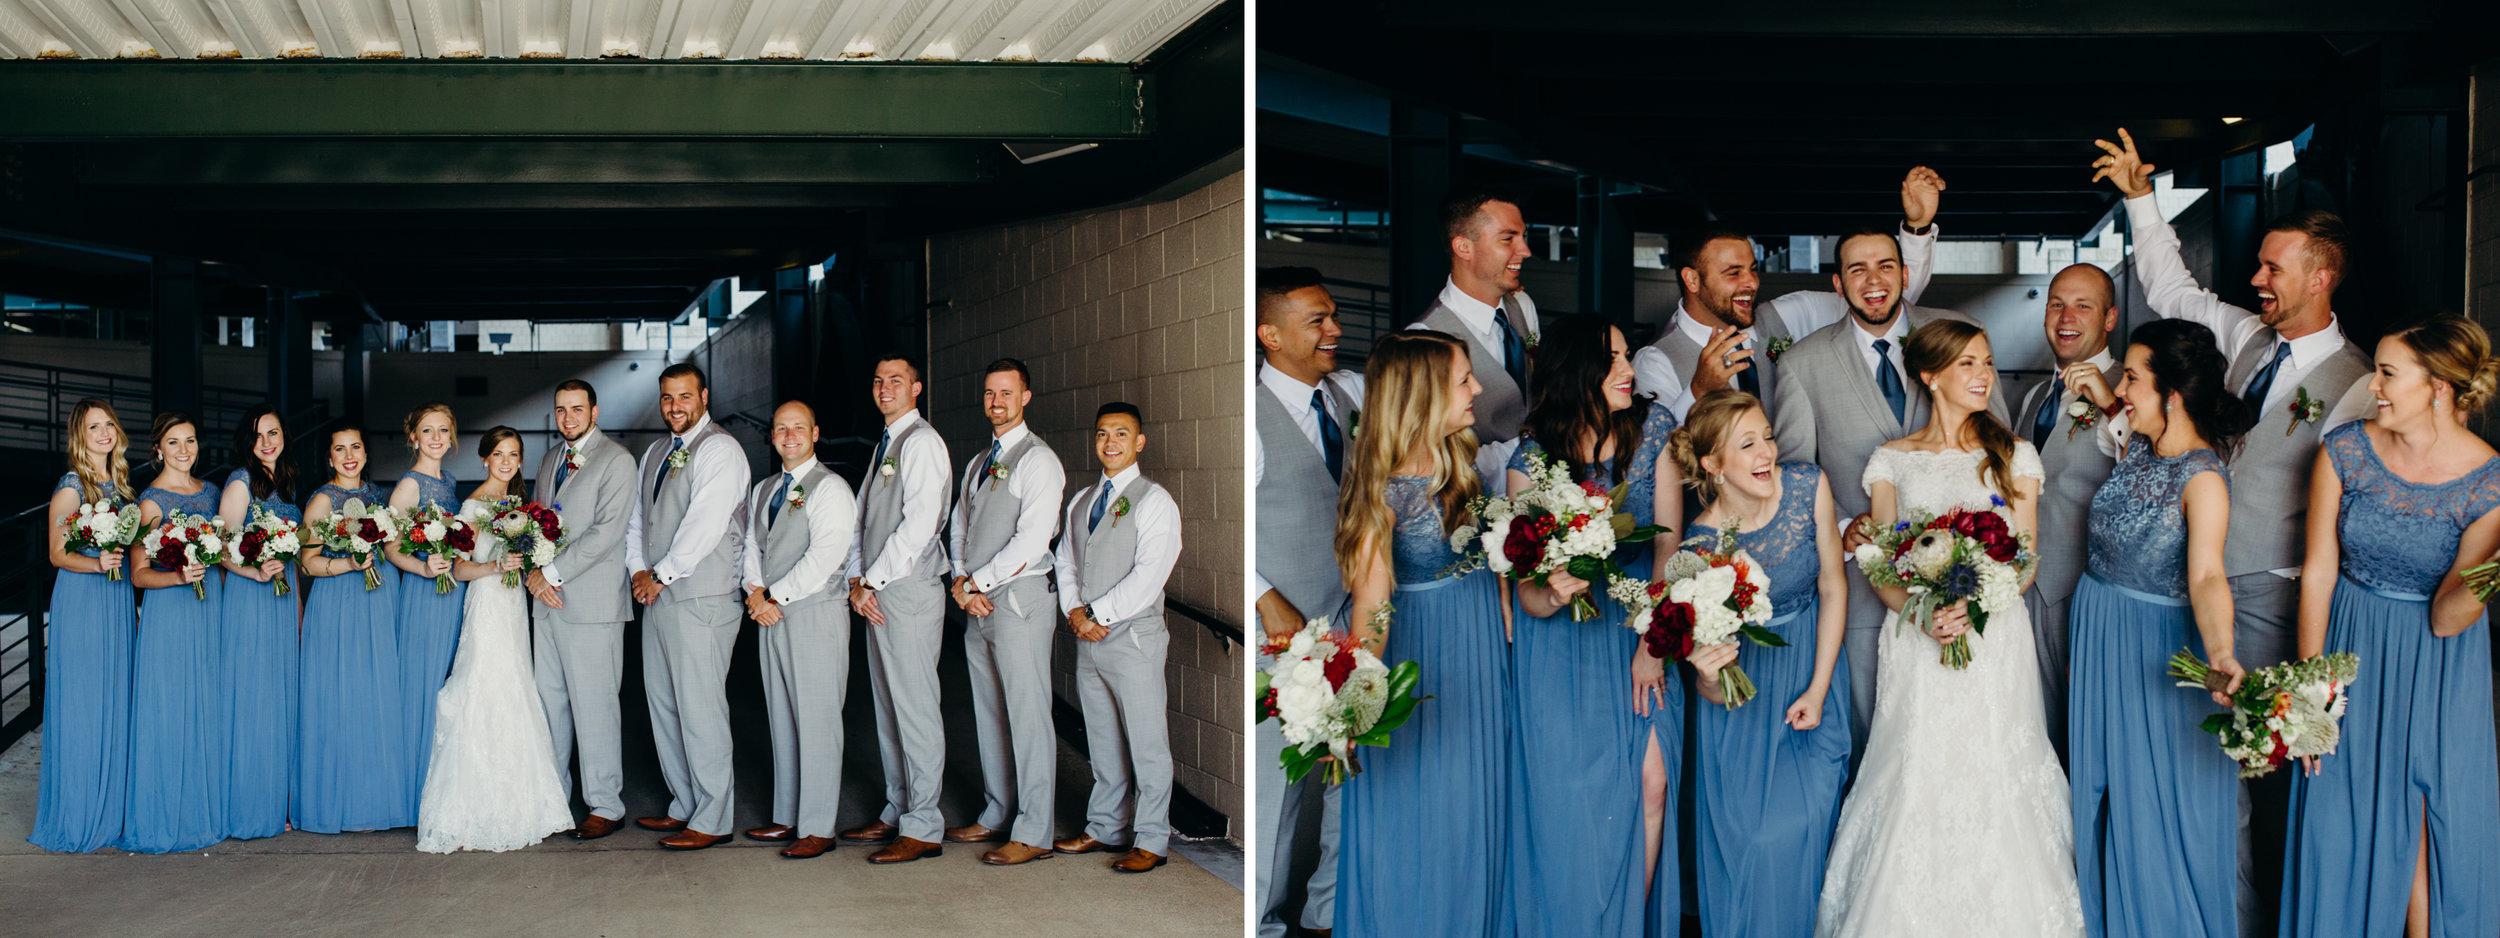 clanton bridal party.jpg